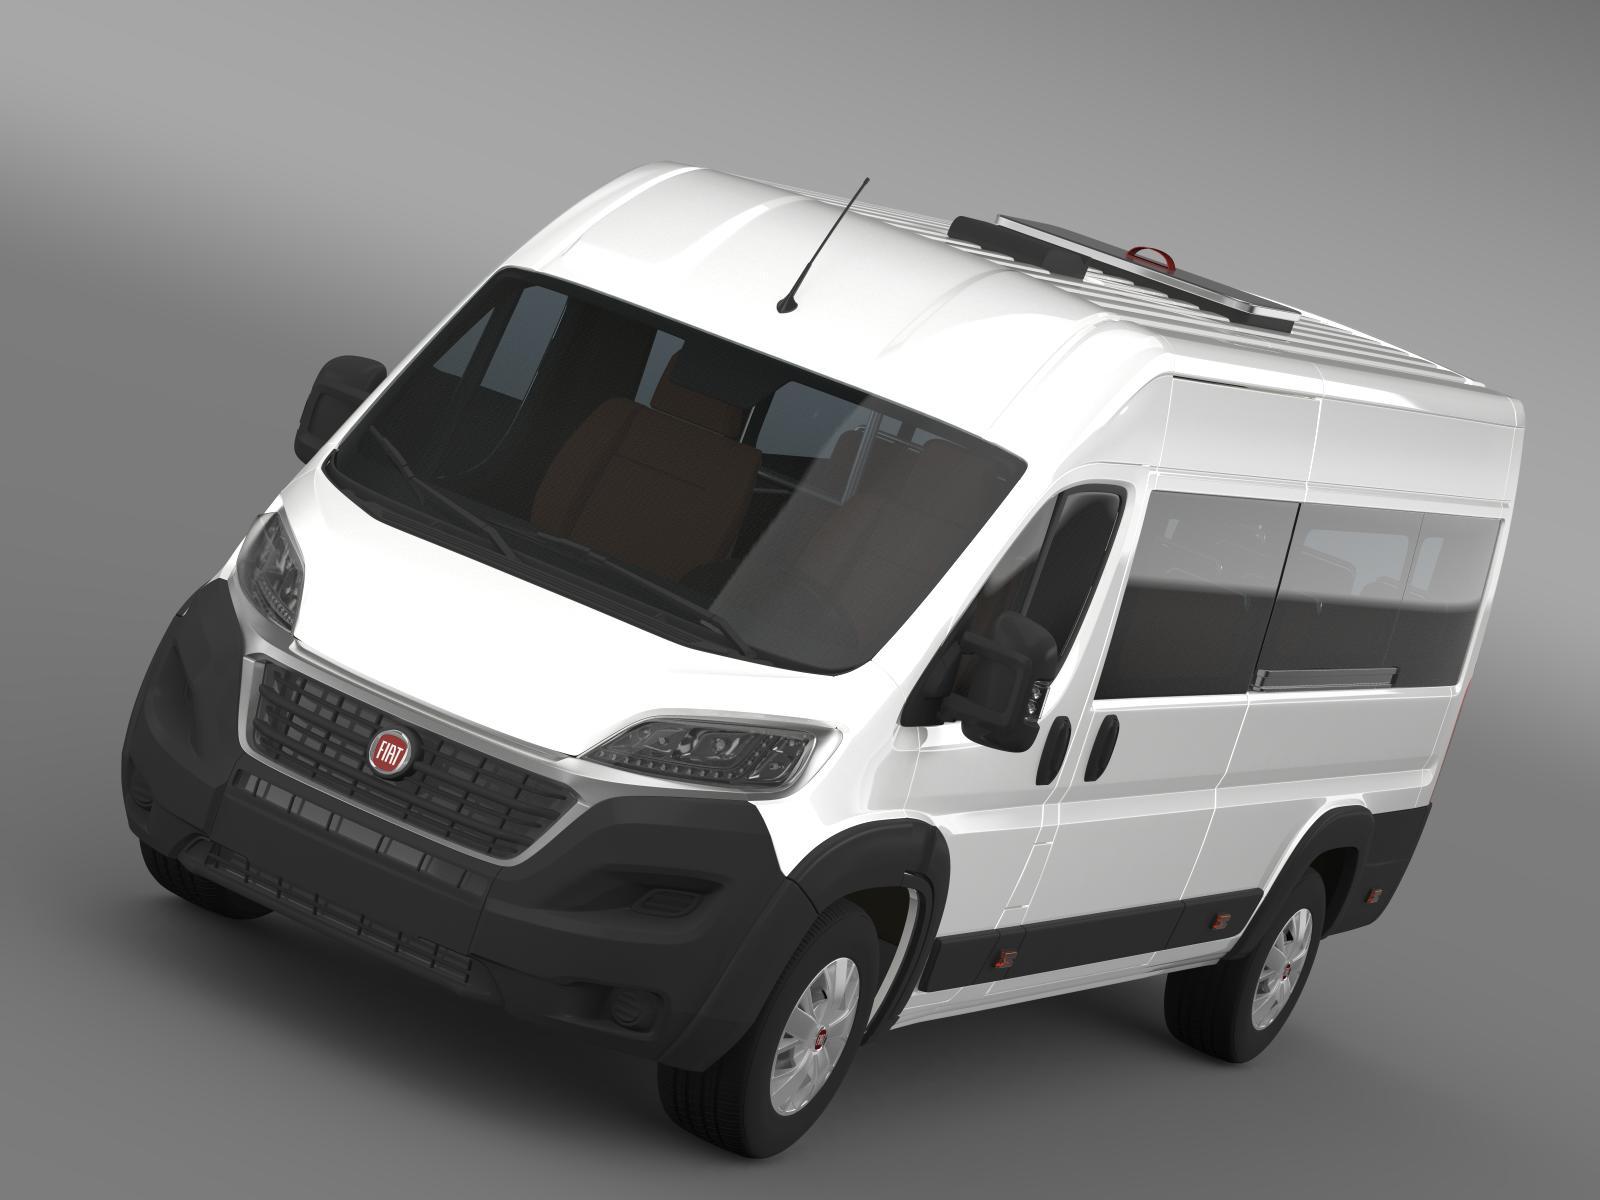 fiat ducato scuolabus 2015 3d model 3ds max fbx c4d lwo ma mb hrc xsi obj 203043